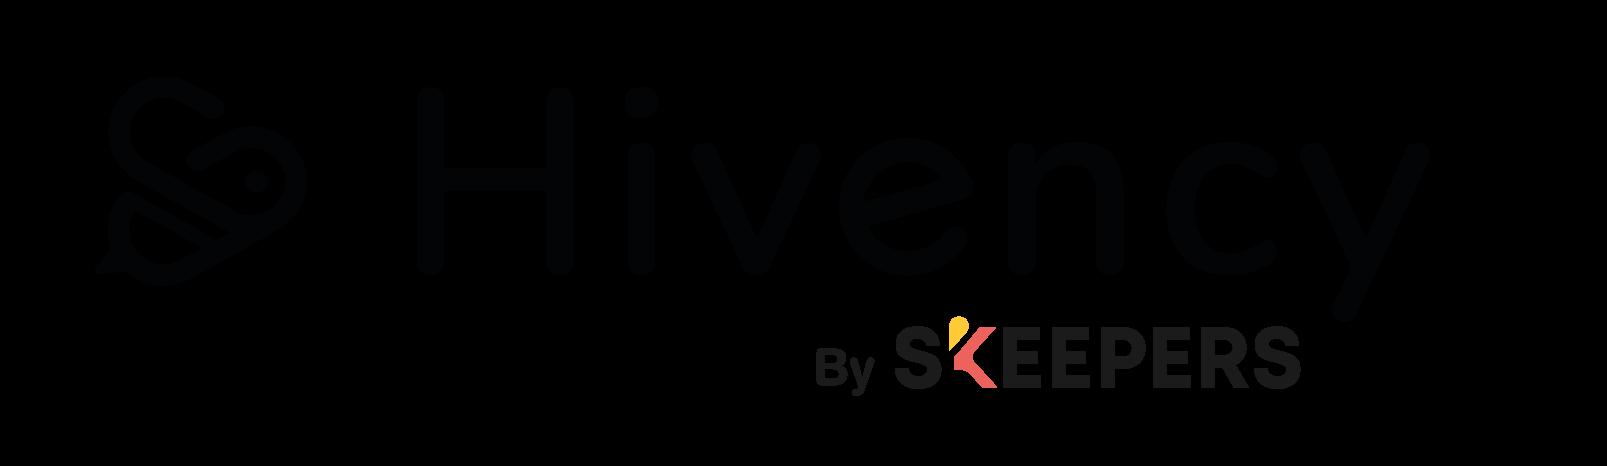 hivency-skeepers